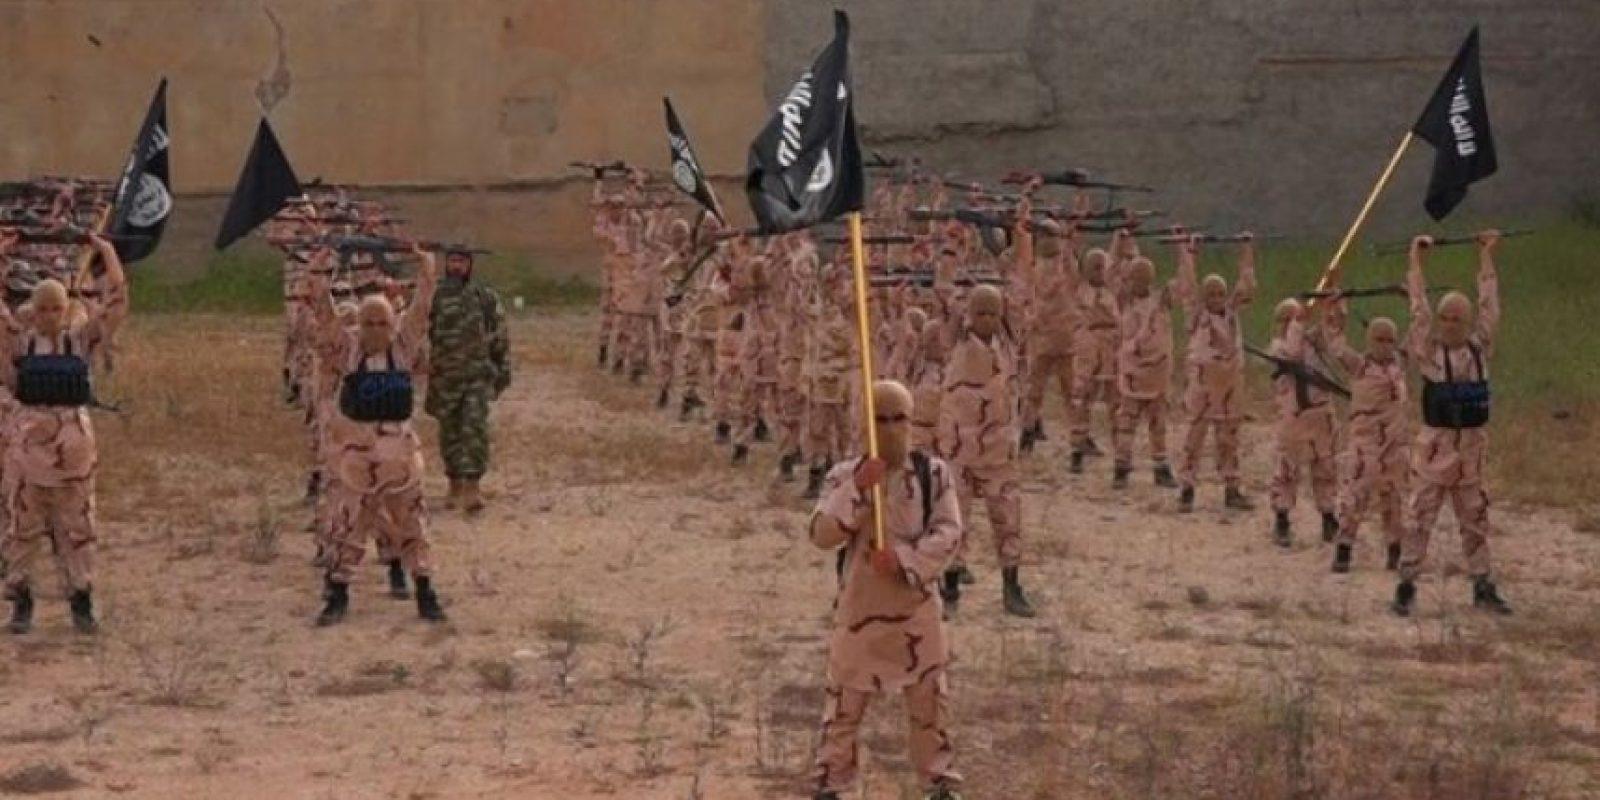 El 2015 se vio opacado por un incremento en el número de atentados terroristas. Los esfuerzos por detener el yihadismo han incluido bombardeos aéreos y monitoreo de sus páginas web, entre otros. Foto:AFP